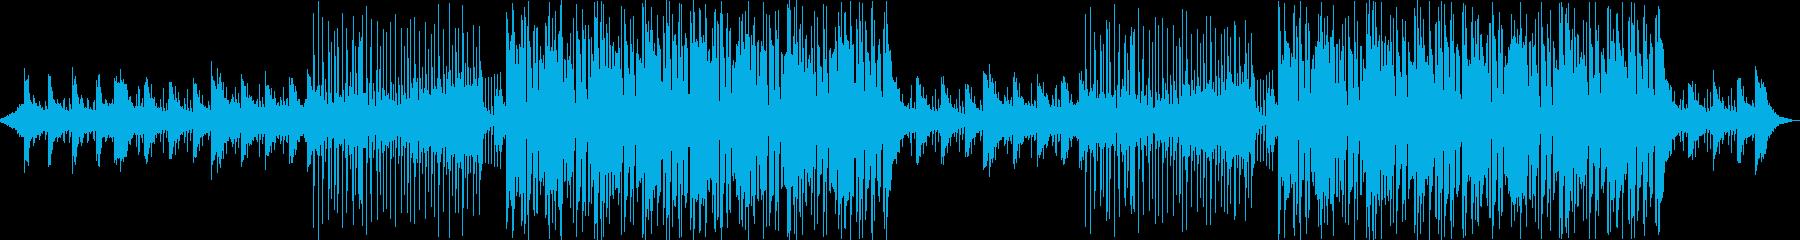 フューチャーベース・近未来的エンディングの再生済みの波形